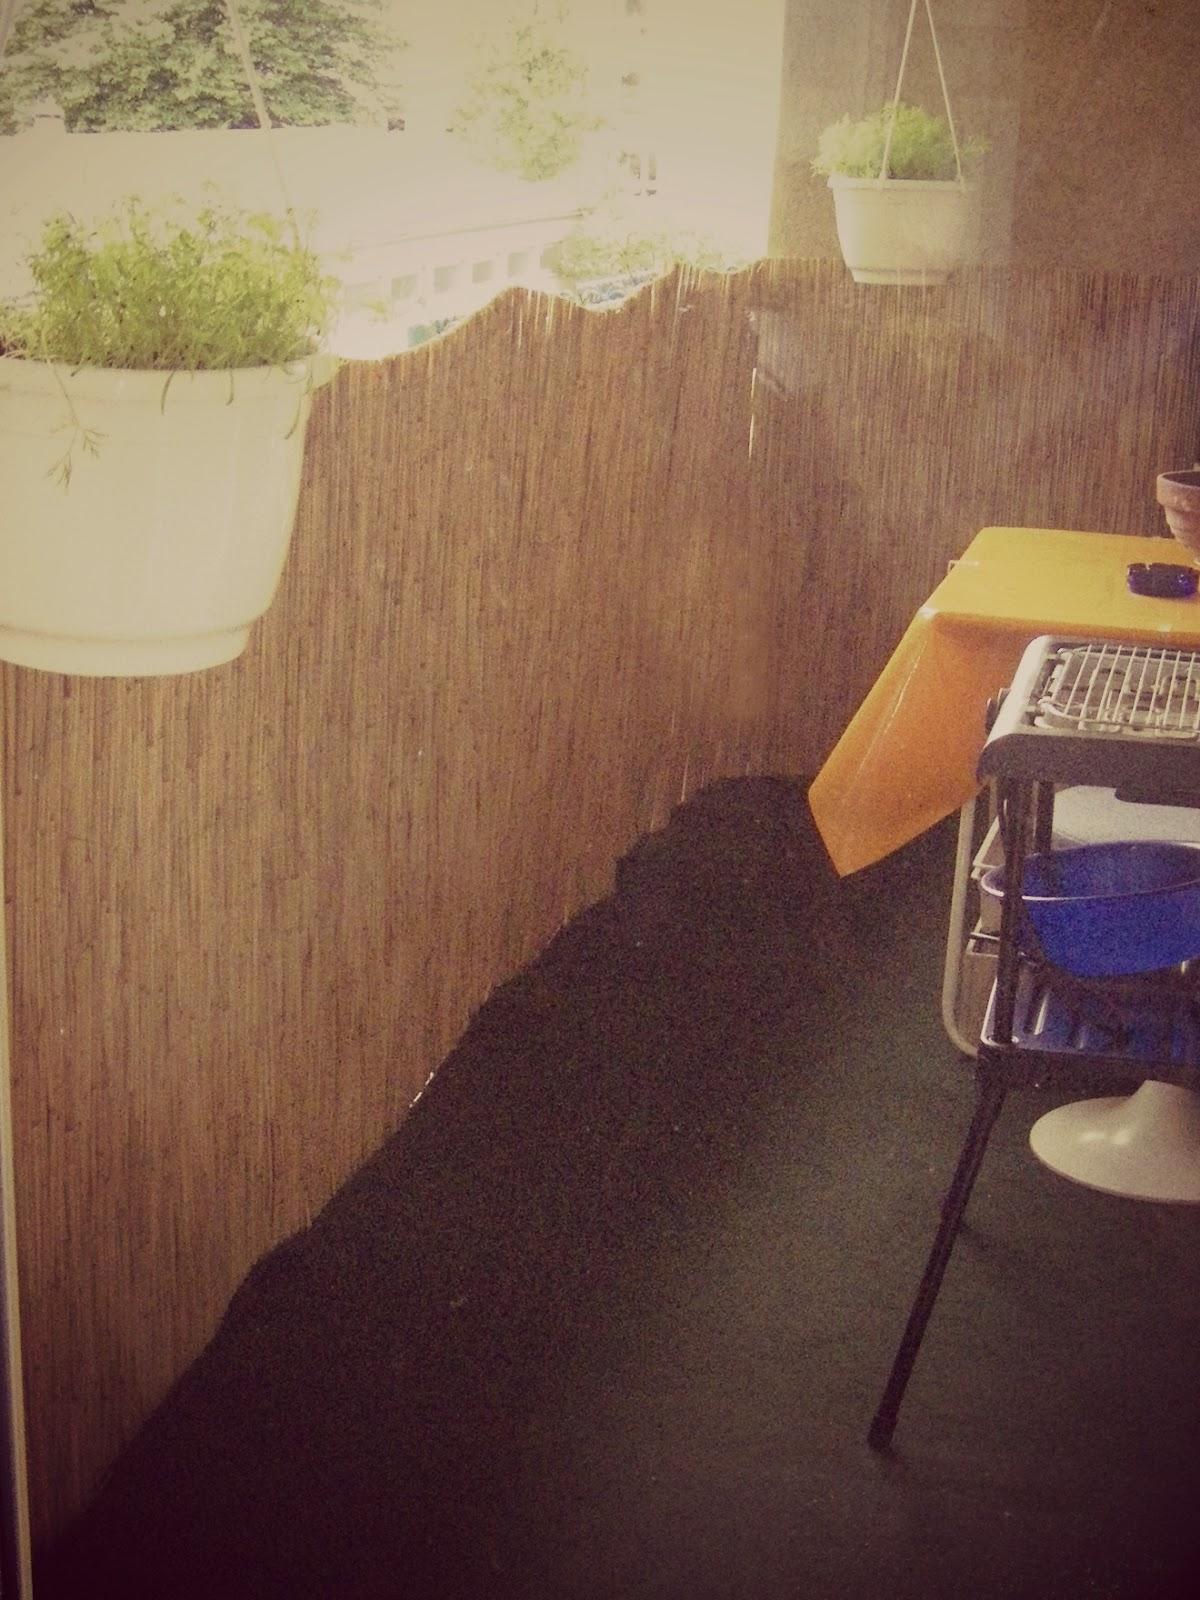 notizblog von meinem kleinen k nigreich das bisschen. Black Bedroom Furniture Sets. Home Design Ideas